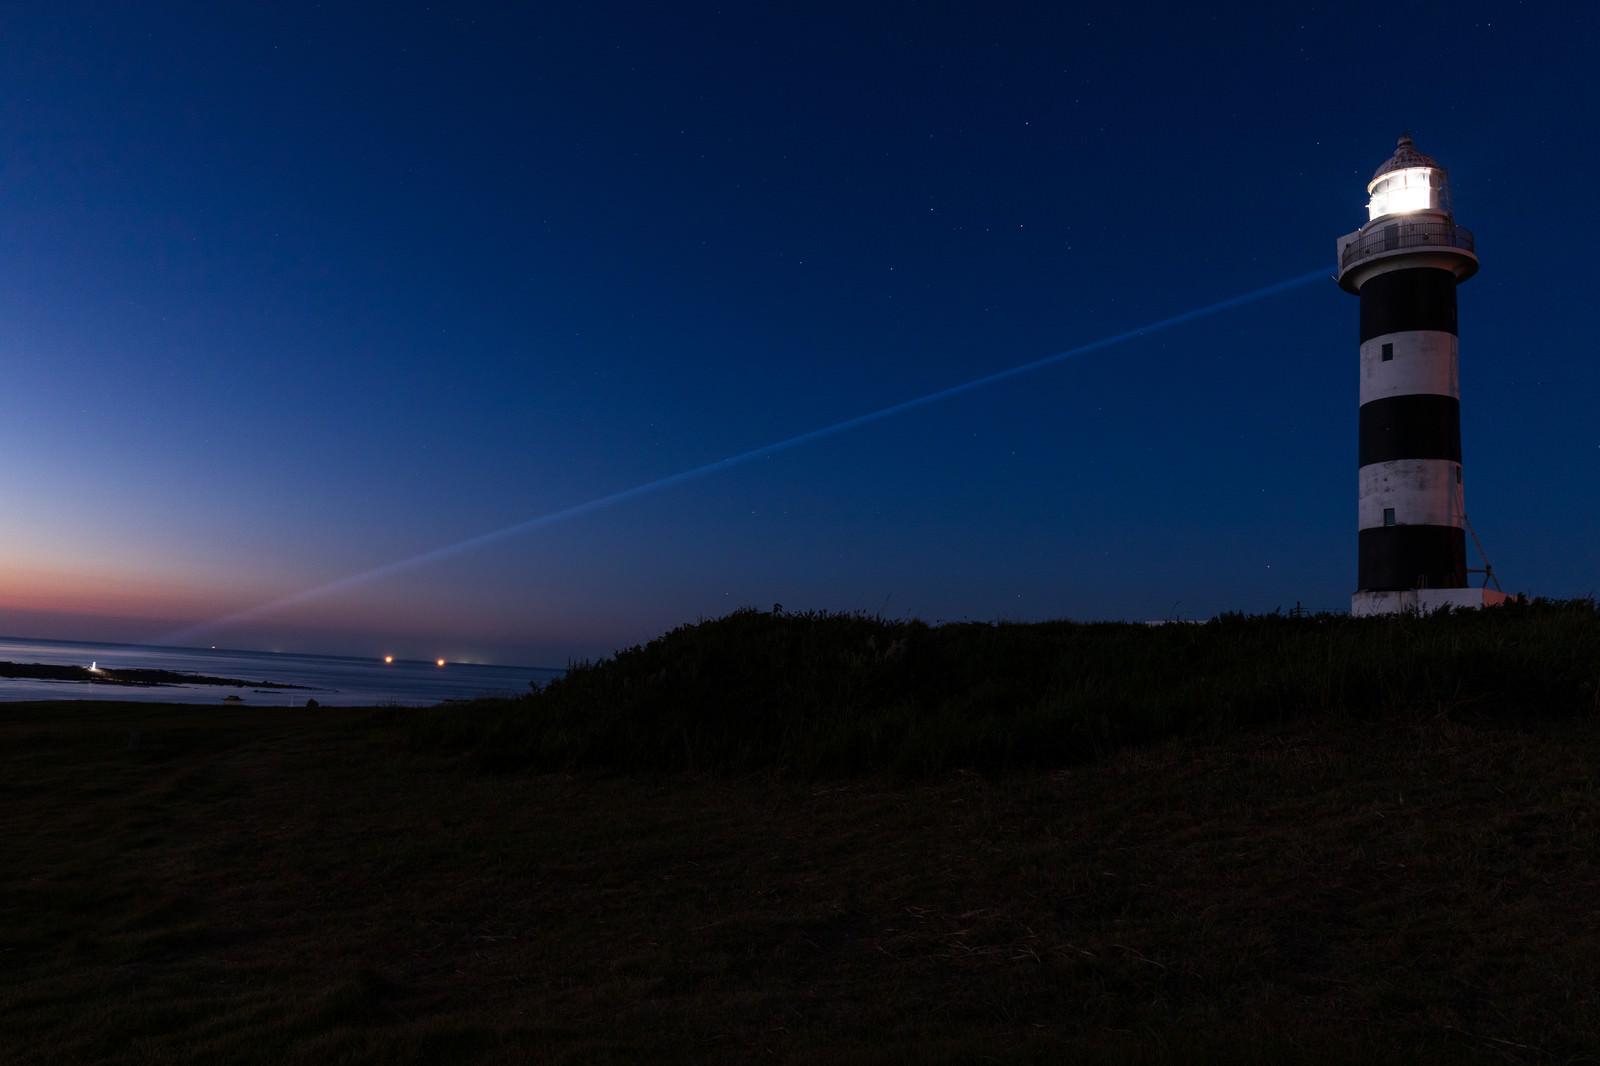 「夜の入道崎灯台から放たれるレーザービーム」の写真